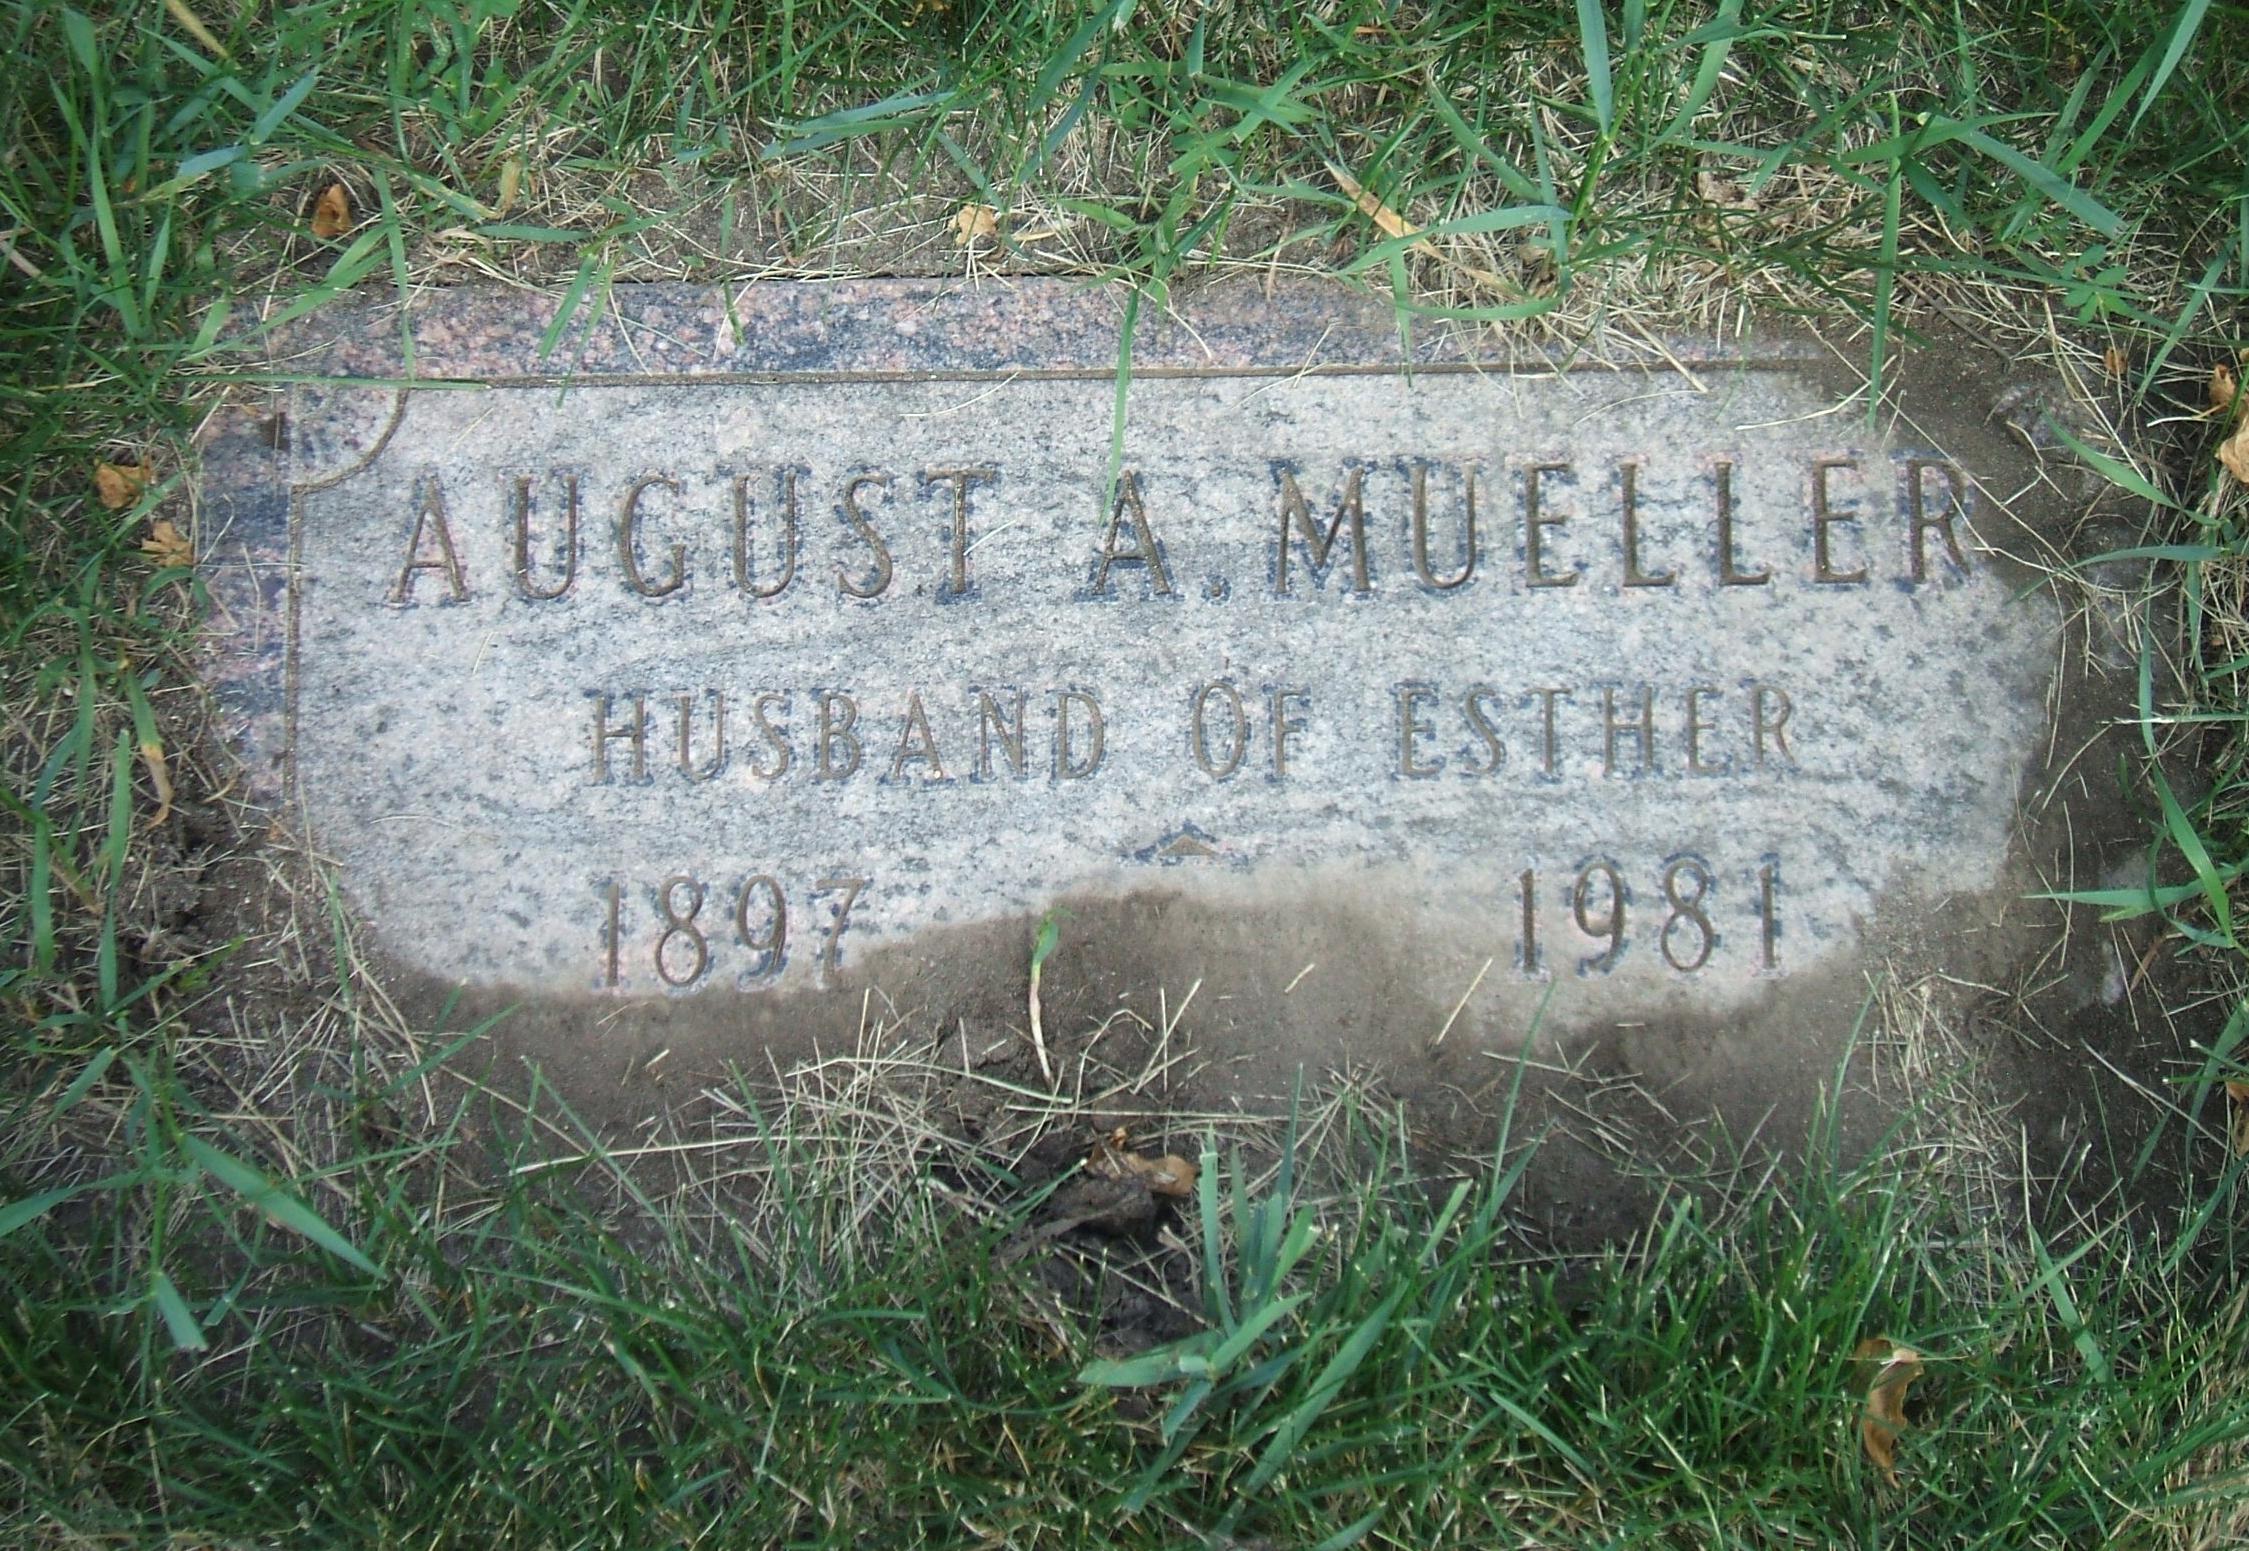 August A Mueller